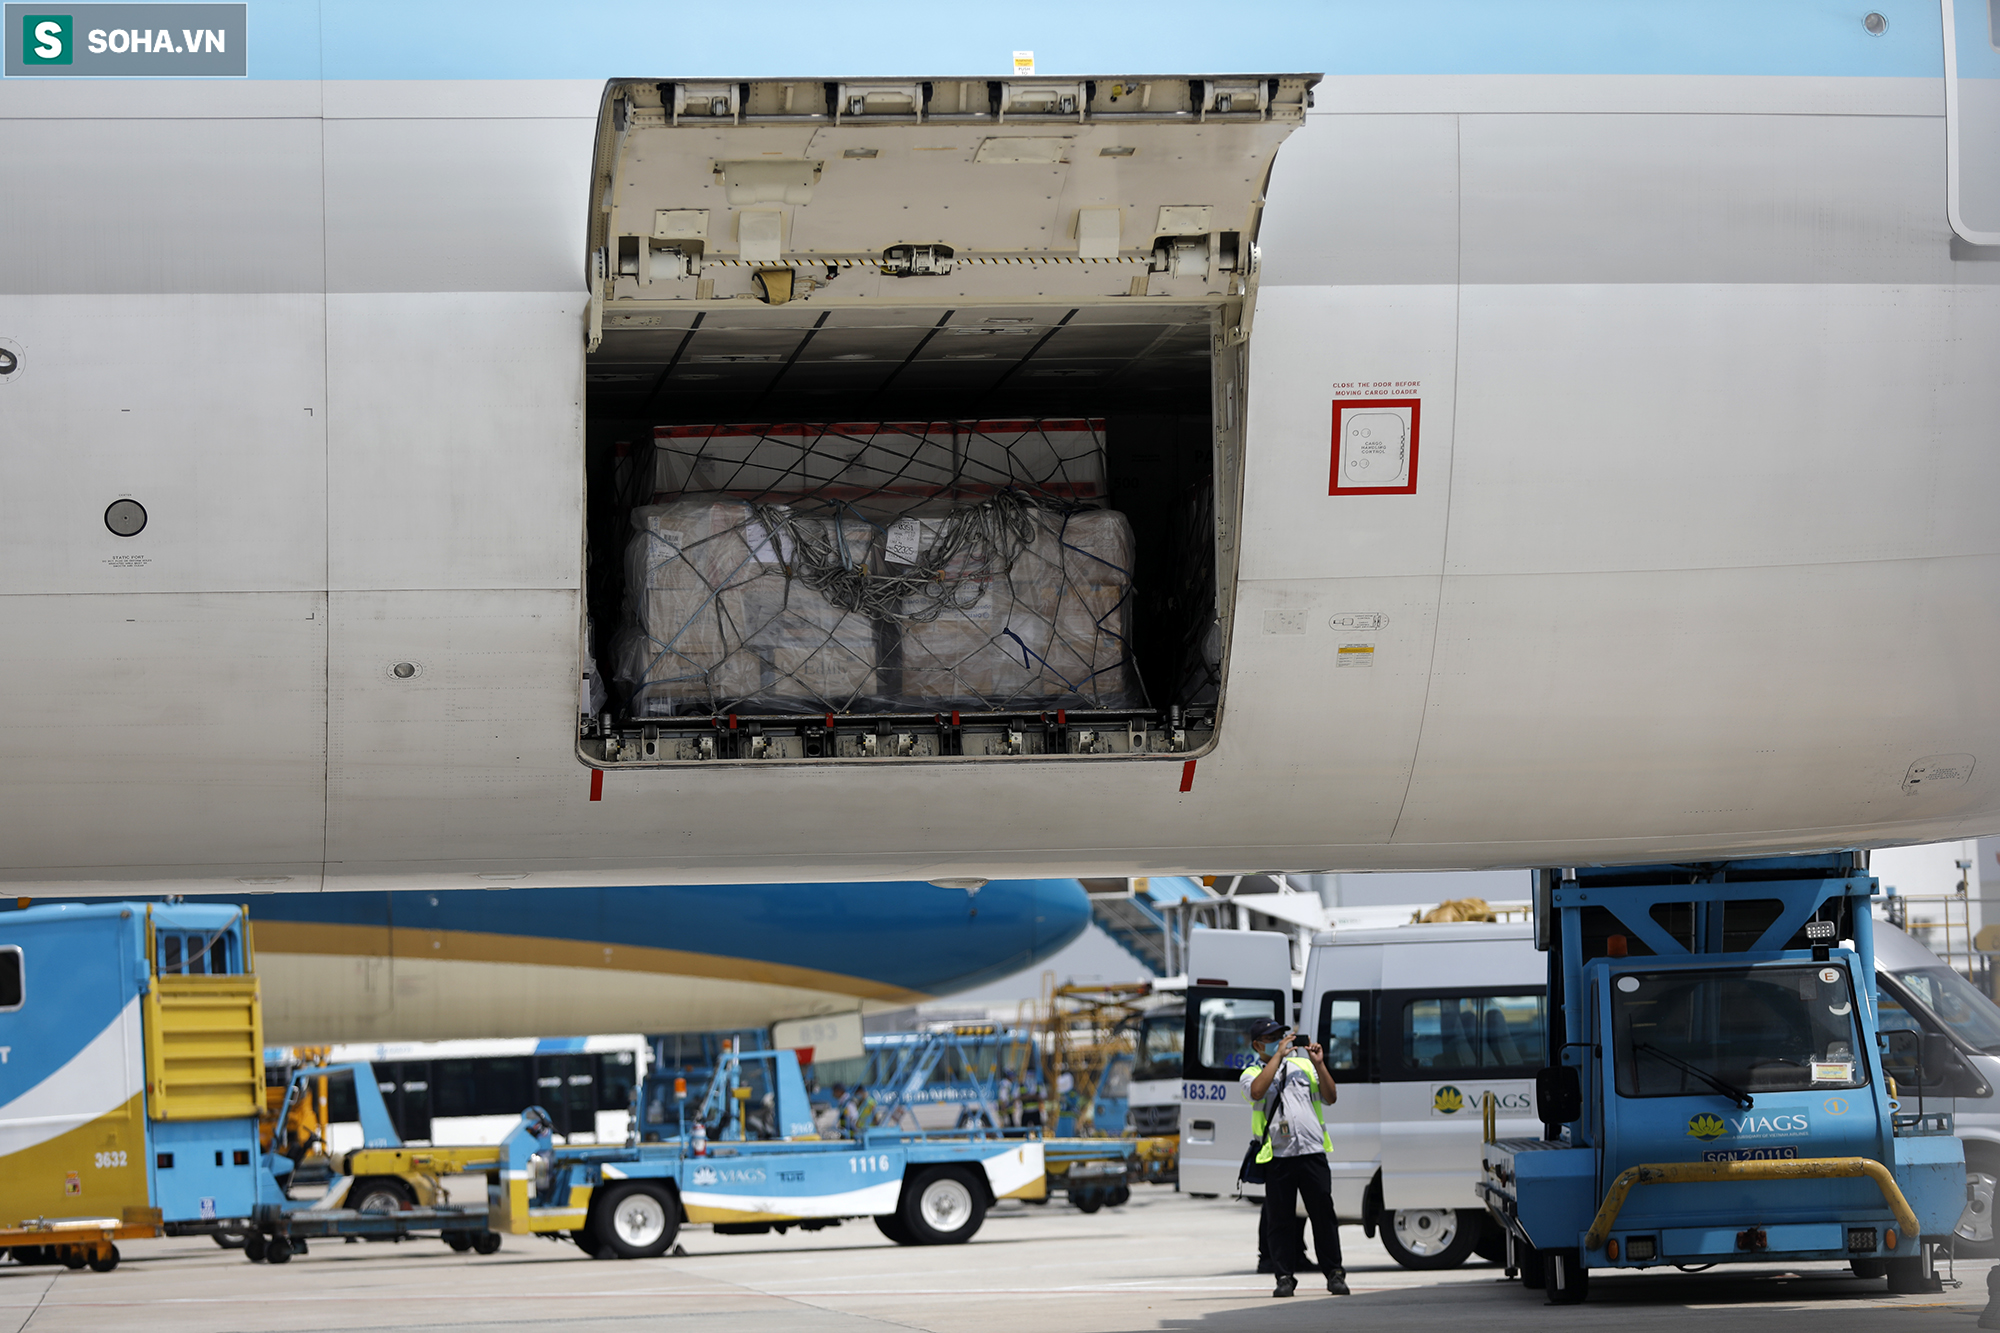 [ẢNH] Cận cảnh đưa 117.000 liều vắc xin Covid-19 đầu tiên được ra khỏi máy bay tại Tân Sơn Nhất - Ảnh 4.